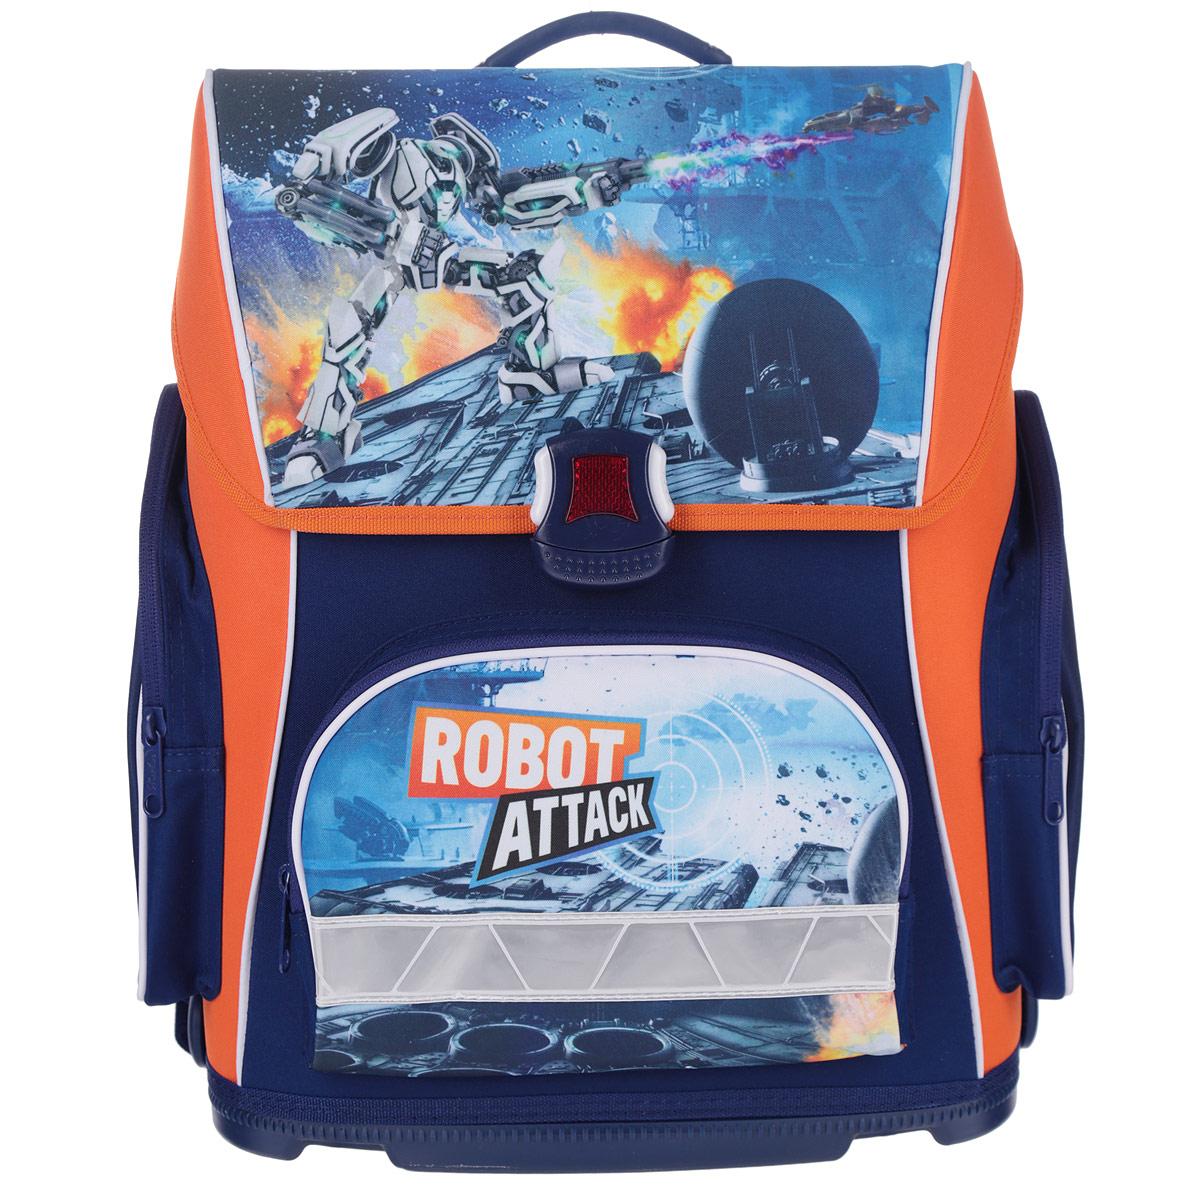 Ранец Hatber Robot Attack, модель Optimum, цвет: синий, оранжевыйABAA-UT1-3408Ранец Hatber Robot attack идеально подойдет для школьников!Ранец выполнен из водонепроницаемого, морозоустойчивого, устойчивого к солнечному излучению материала. Изделие оформлено изображением в виде робота.Содержит одно вместительное отделение, закрывающееся клапаном на замок-защелку. Внутри отделения имеется мягкая перегородка для тетрадей, учебников. Клапан полностью откидывается, что существенно облегчает пользование ранцем. На внутренней части клапана находится прозрачный пластиковый кармашек, в который можно поместить расписание занятий. Ранец имеет два боковых кармана, закрывающиеся на молнии. Лицевая сторона ранца оснащена накладным карманом на молнии.Жесткий анатомический каркас и форма спинки способствует равномерному распределению нагрузки и формированию правильной осанки. Конструкция спинки дополнена эргономичными подушечками, противоскользящей сеточкой и системой вентиляции для предотвращения запотевания спины ребенка. Широкие мягкие плечевые ремни оснащены удобными крючками для фиксации регулировочной ленты. S-образная форма лямок обеспечивает более плотную фиксацию ранца, предотвращая перенапряжение мышц спины. Ранец оснащен ручкой с резиновой насадкой для удобной переноски. Прочное пластиковое дно не деформируется и легко очищается от загрязнений. Светоотражающие элементы на лицевой стороне, боковых карманах и лямках рюкзака обеспечивают дополнительную безопасность в темное время суток.Многофункциональный школьный ранец станет незаменимым спутником вашего ребенка в походах за знаниями.